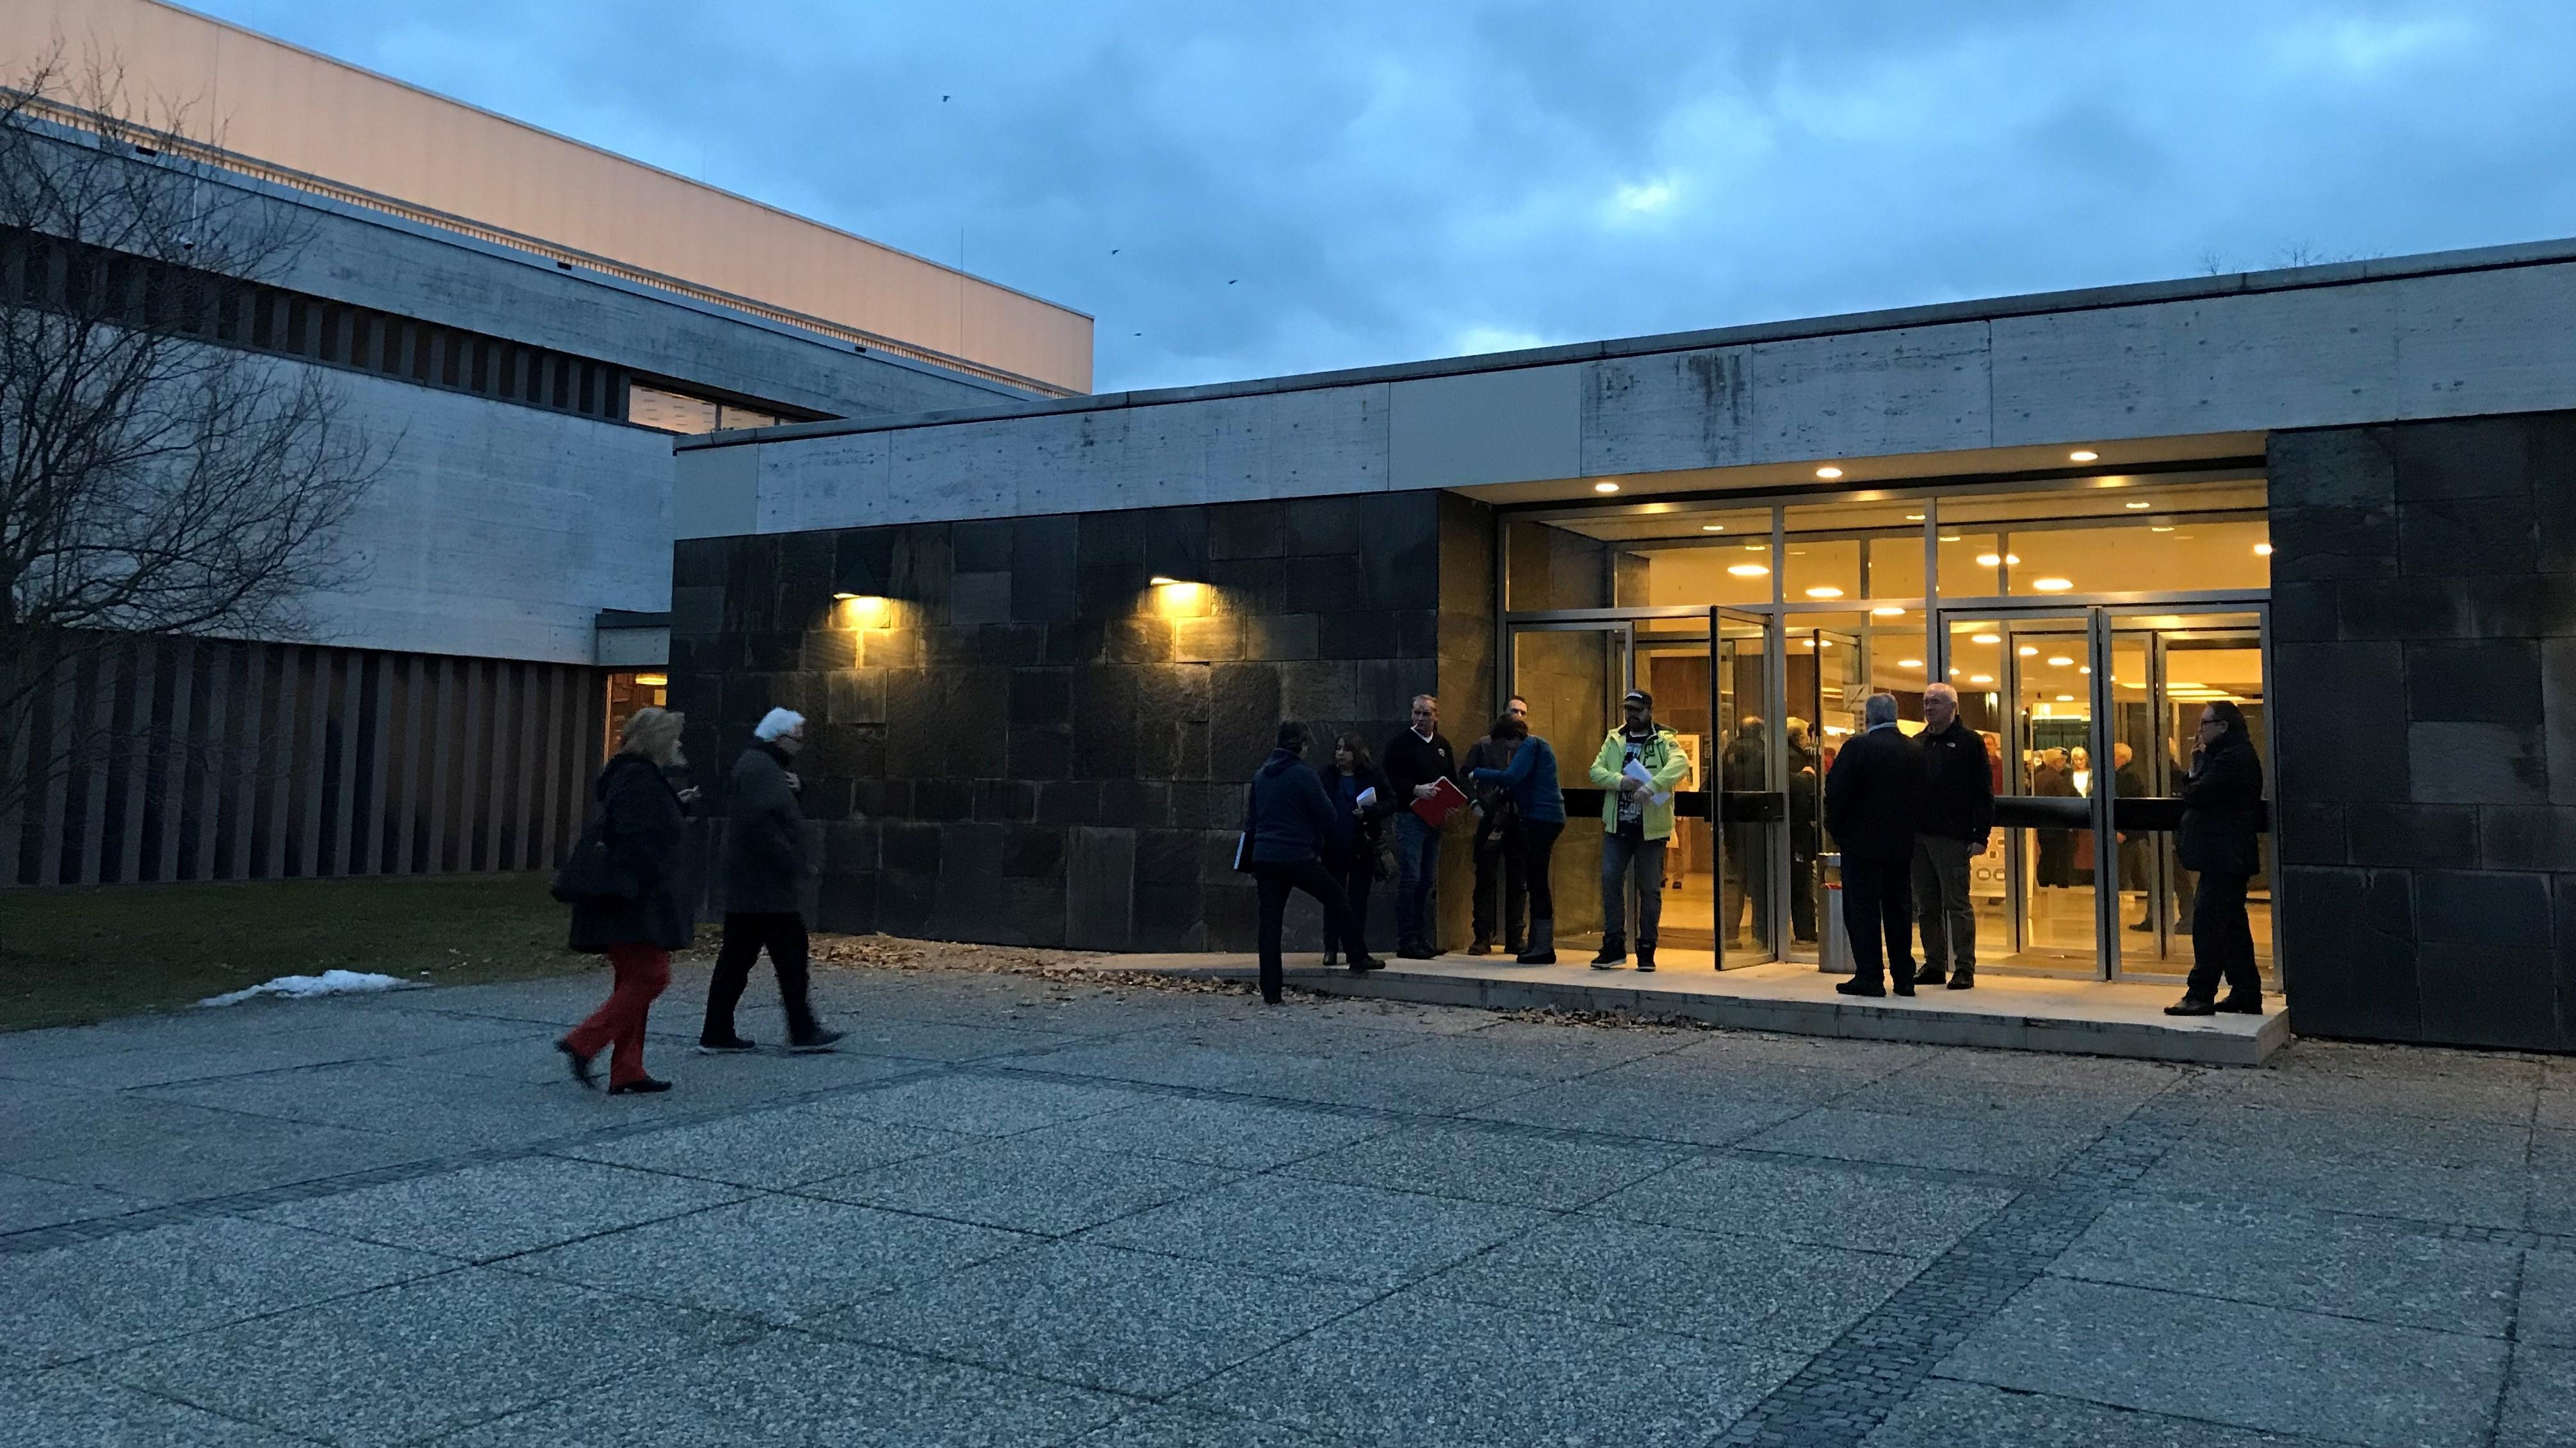 Am Abend kamen hunderte Eigentümer aus Neuselsbrunn zusammen und wählten ihre Hausverwaltung ab